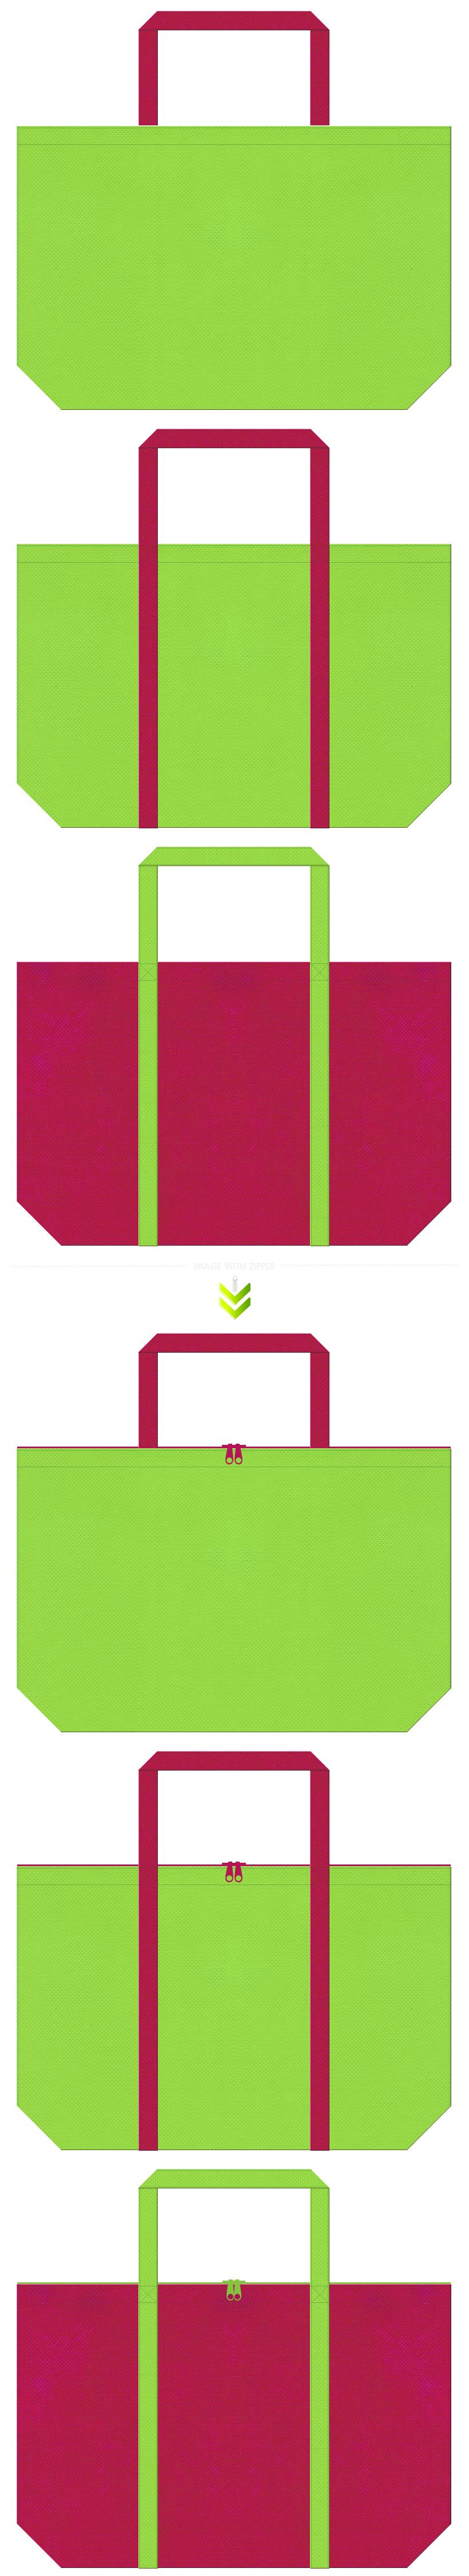 黄緑色と濃いピンク色の不織布エコバッグのデザイン。南国の鳥のイメージで、トラベルバッグのノベルティにお奨めです。